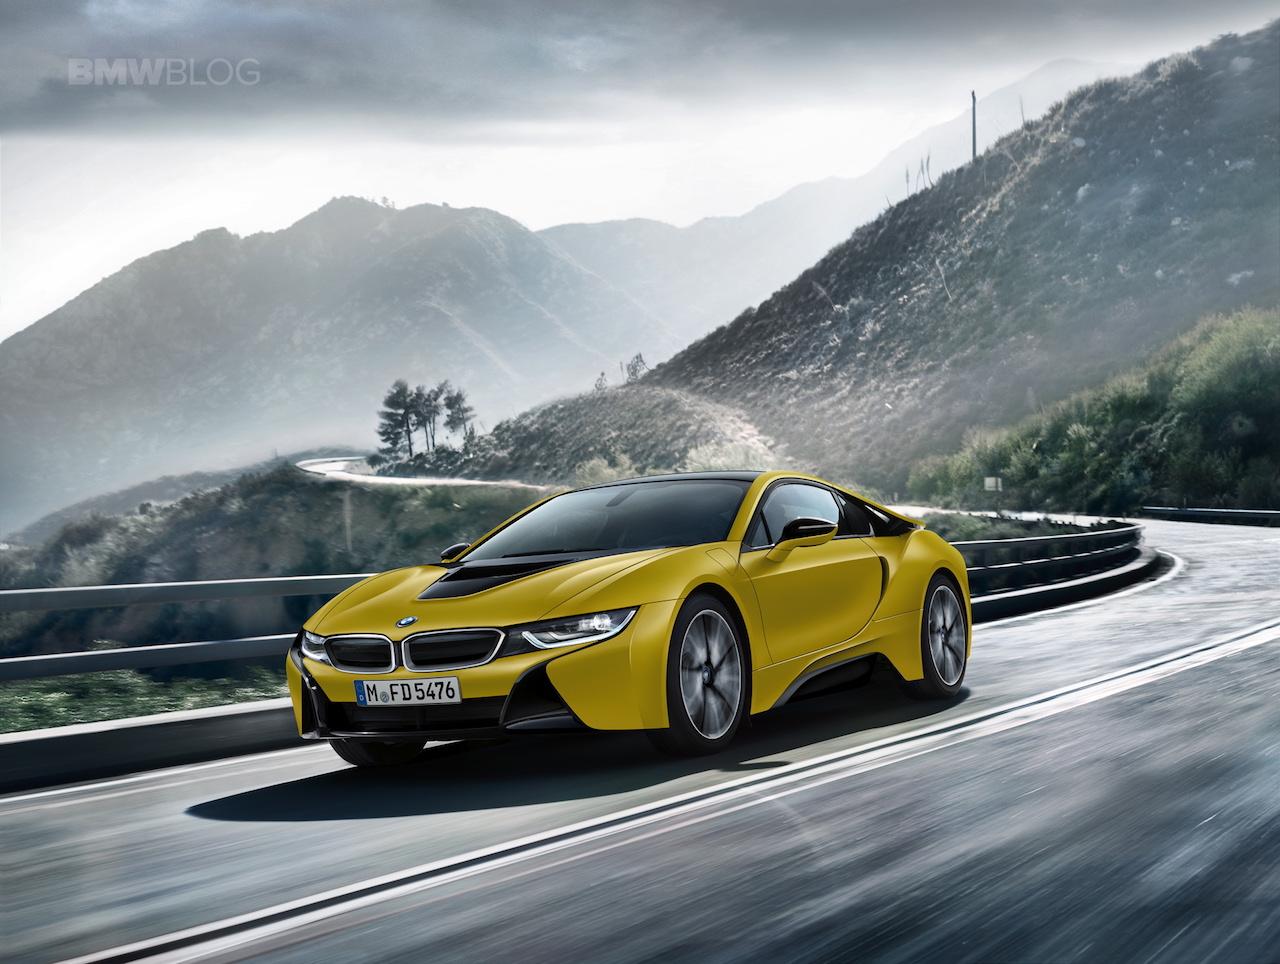 2018 verður ár X-gerðanna hjá BMW